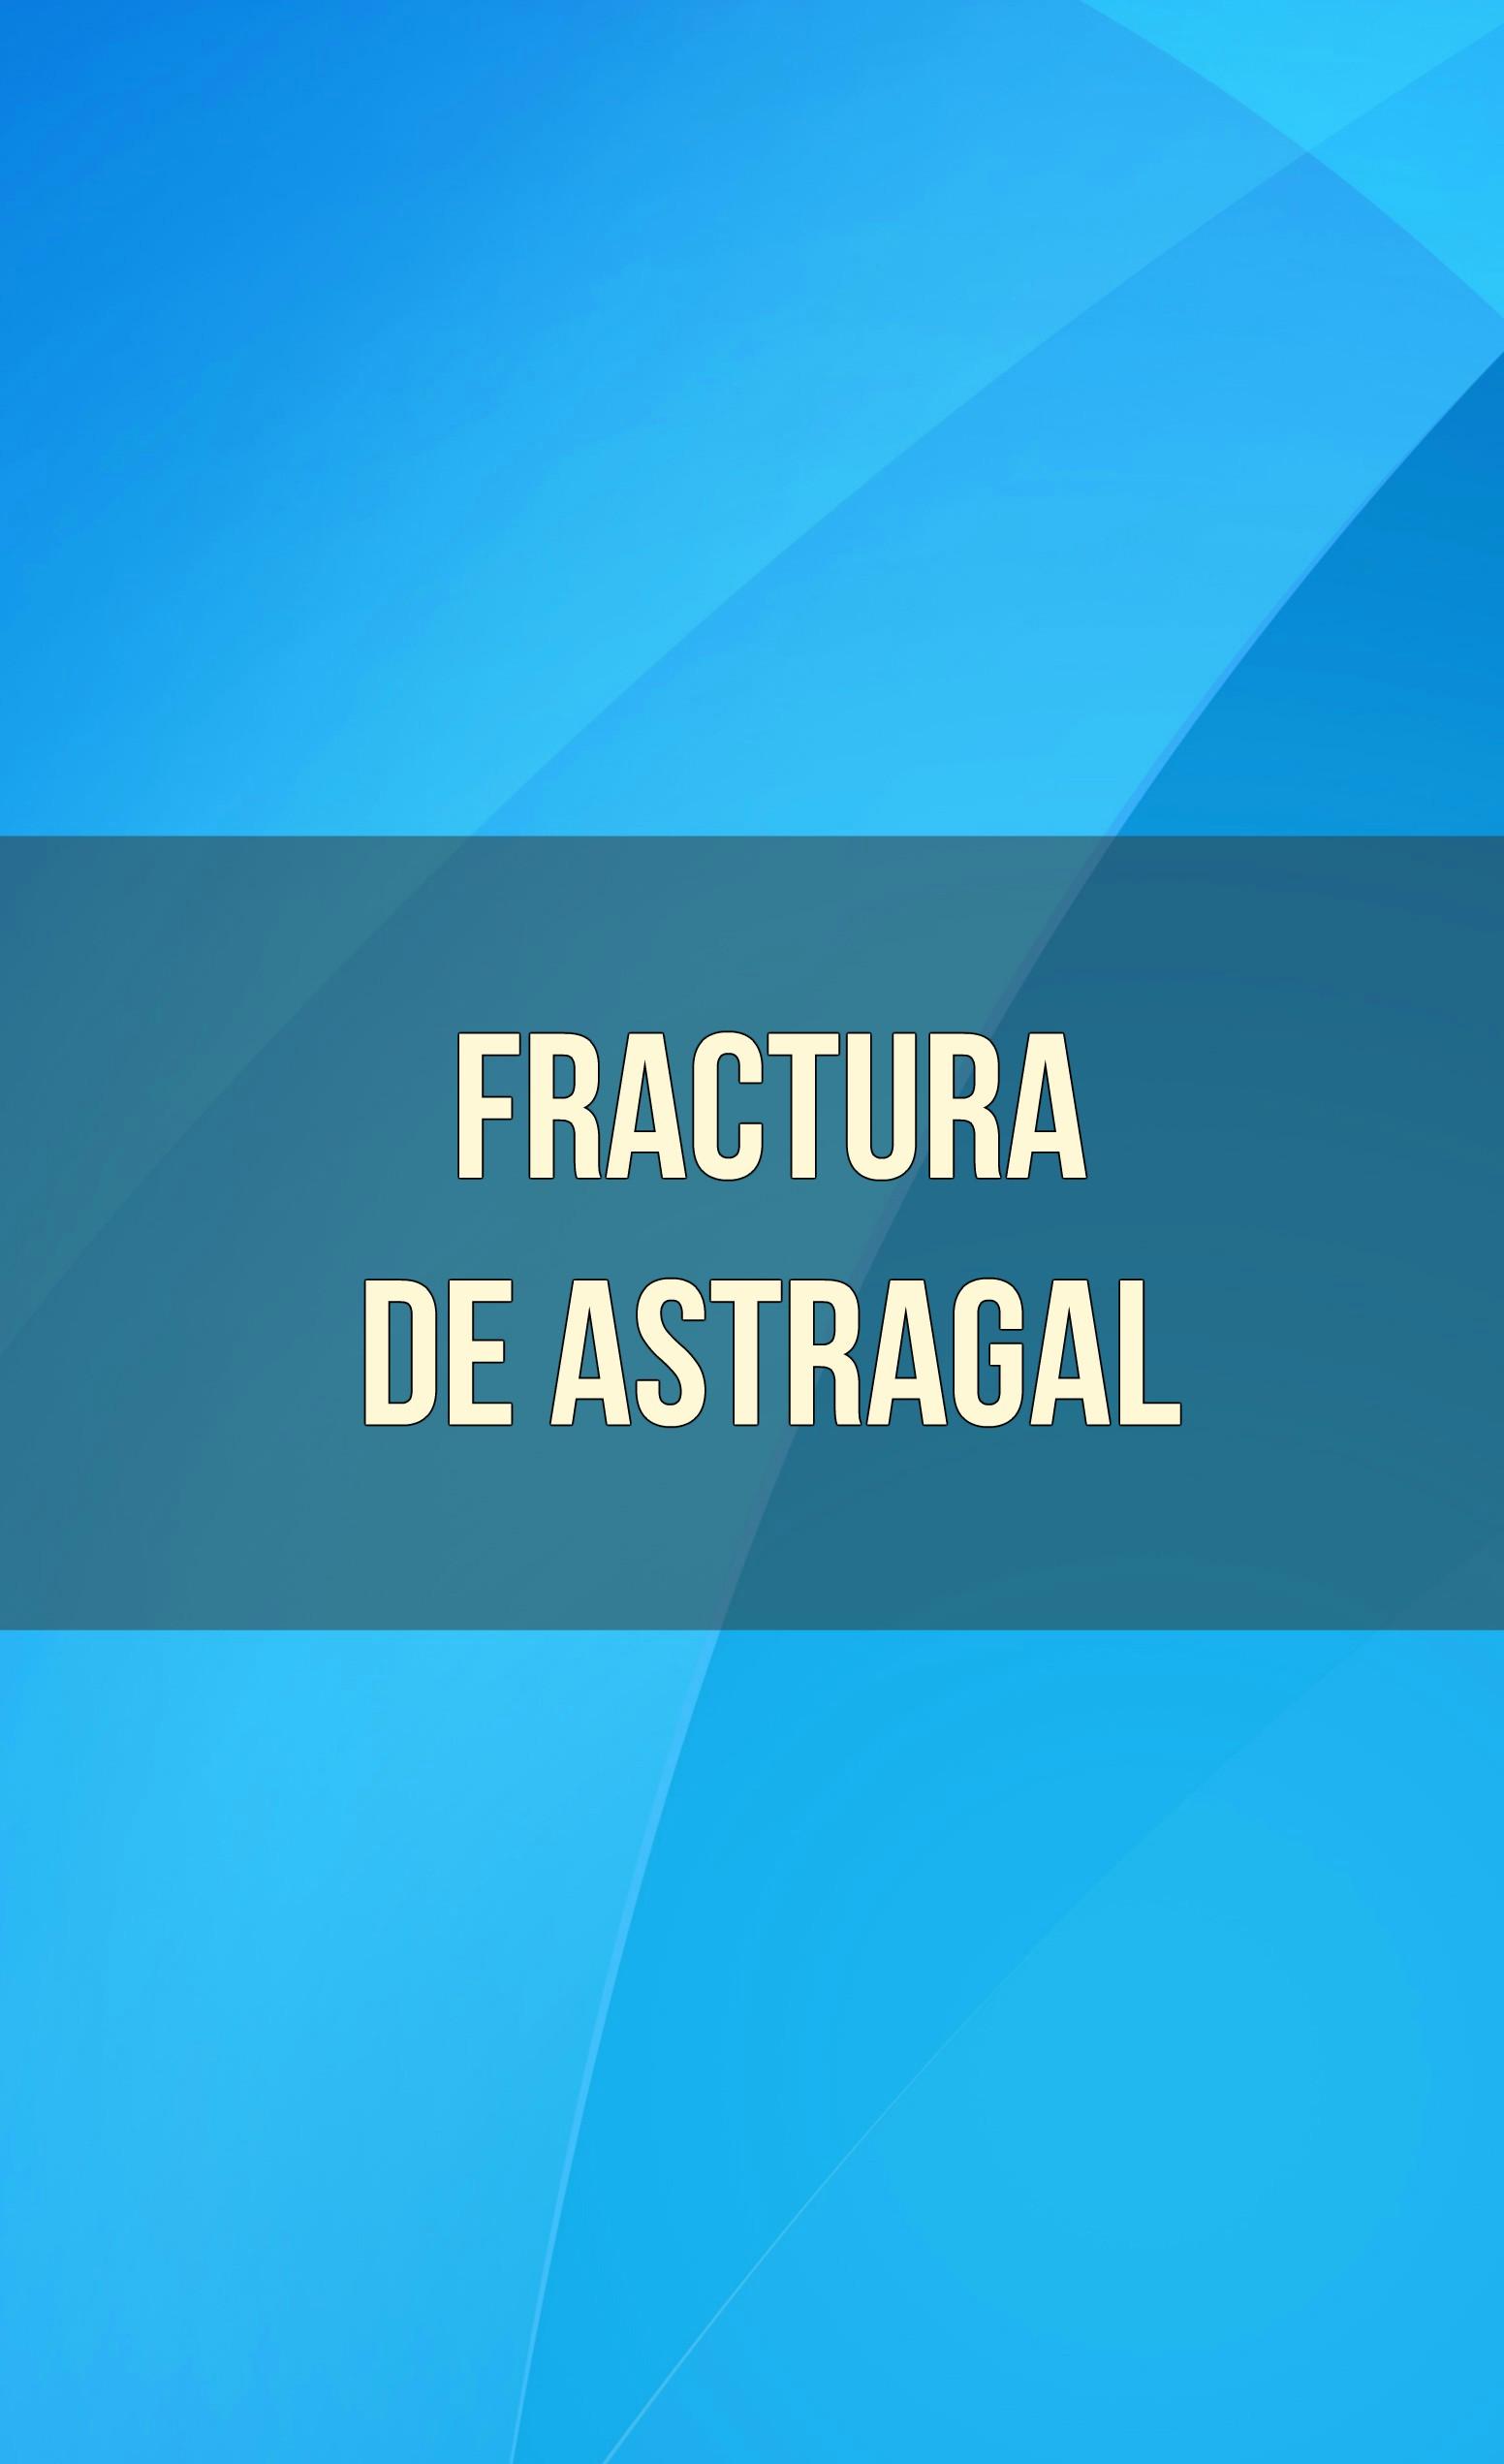 fractura de astragal